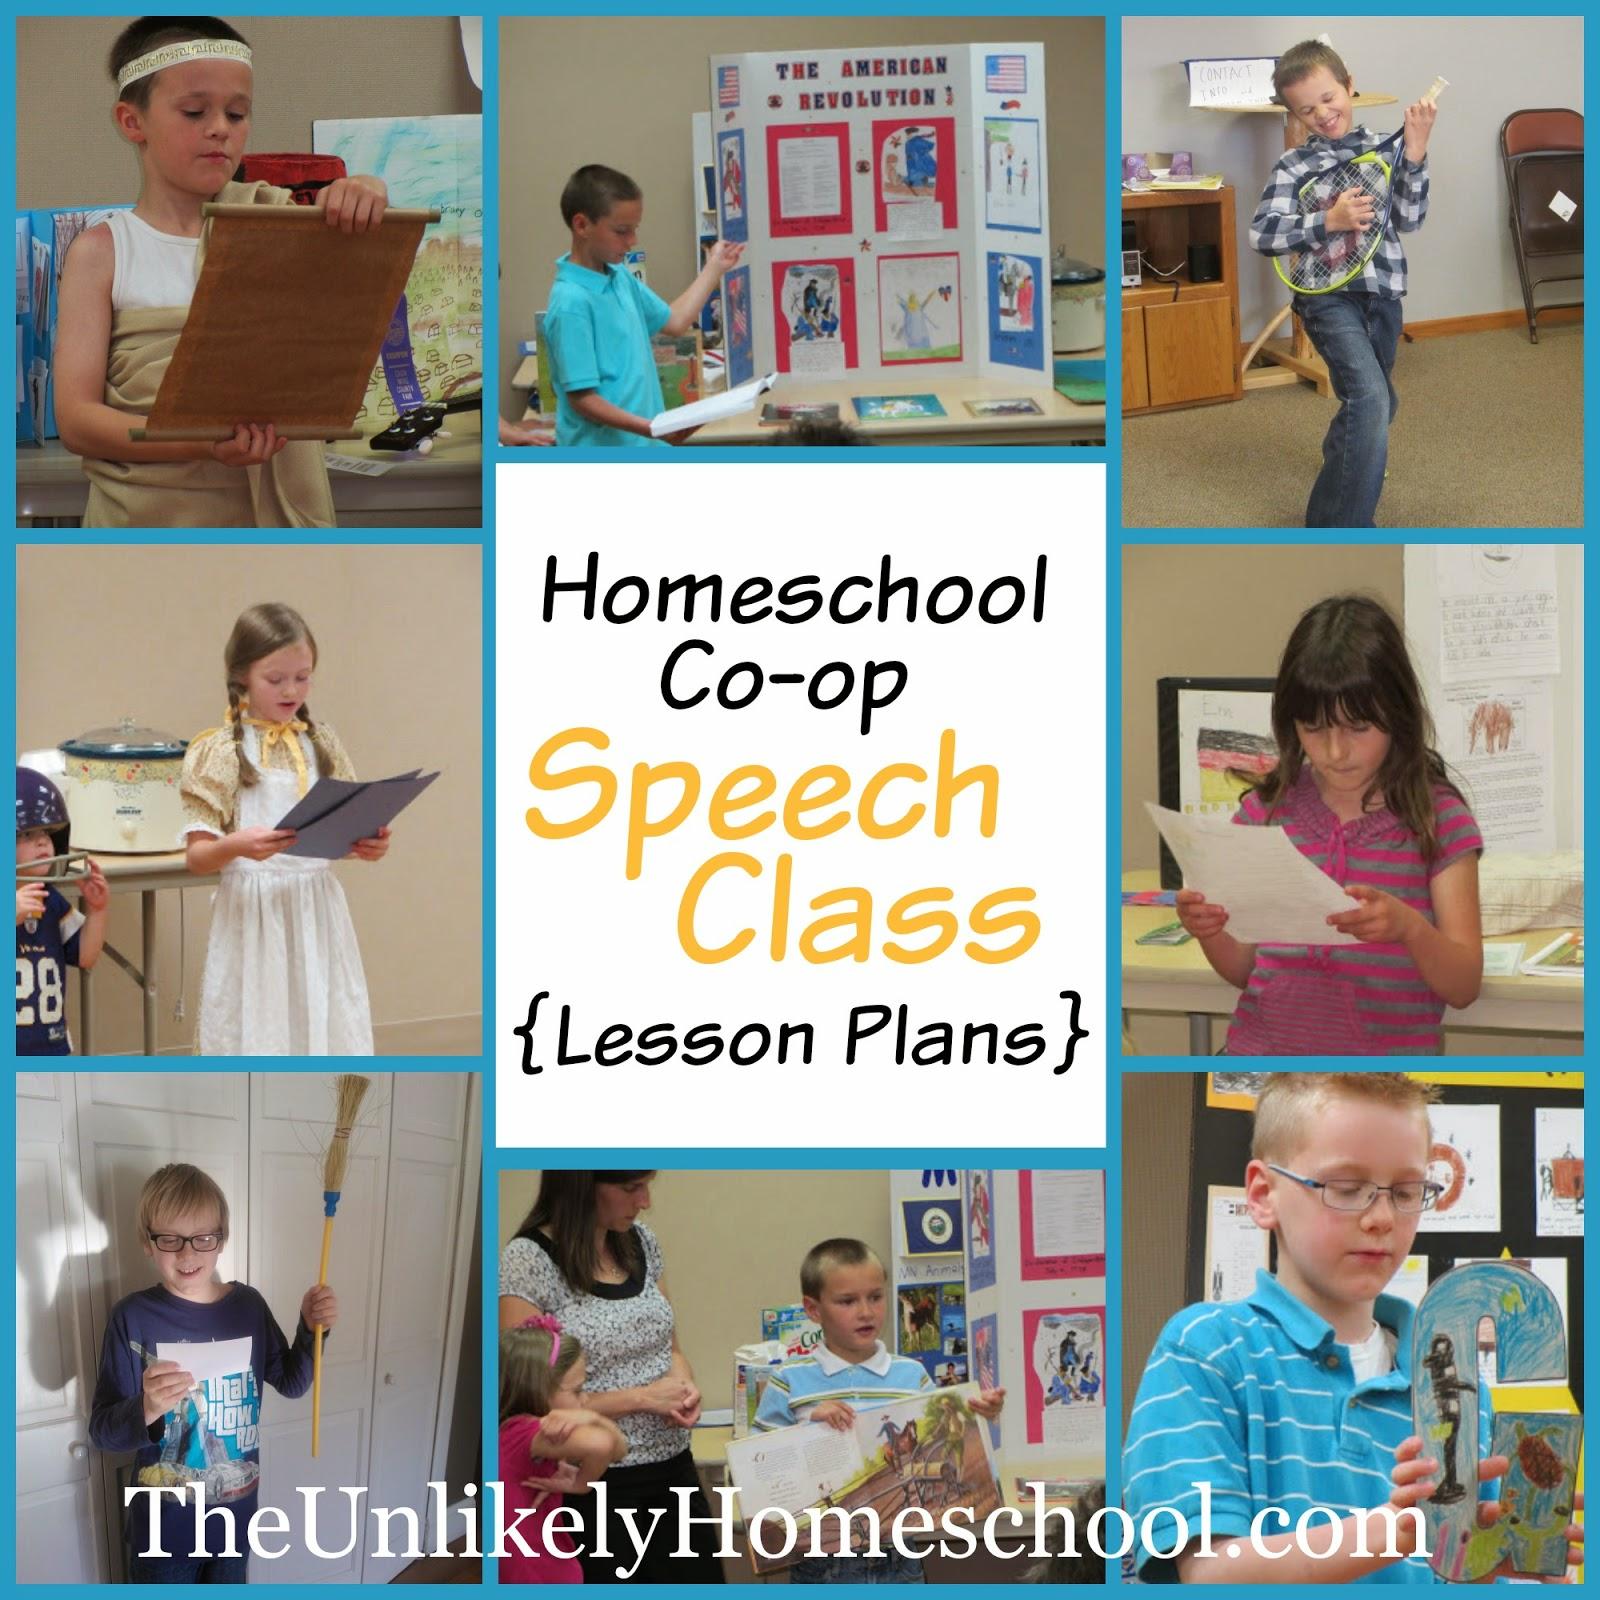 Homeschool Co-op Speech Class {Lesson Plans} The Unlikely Homeschool